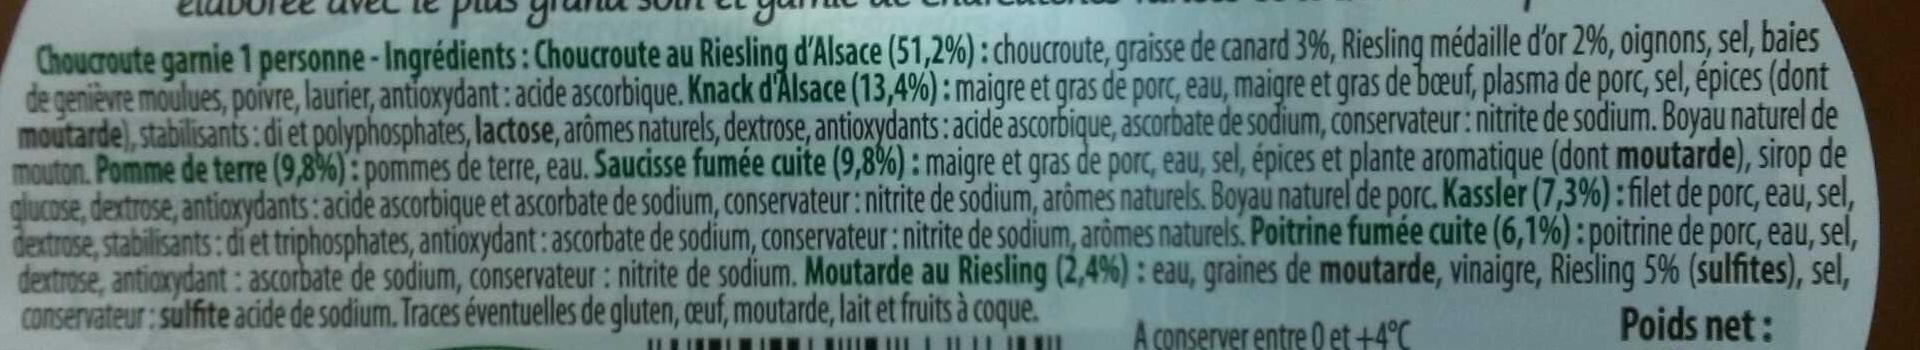 Mon moment choucroute - Ingrédients - fr